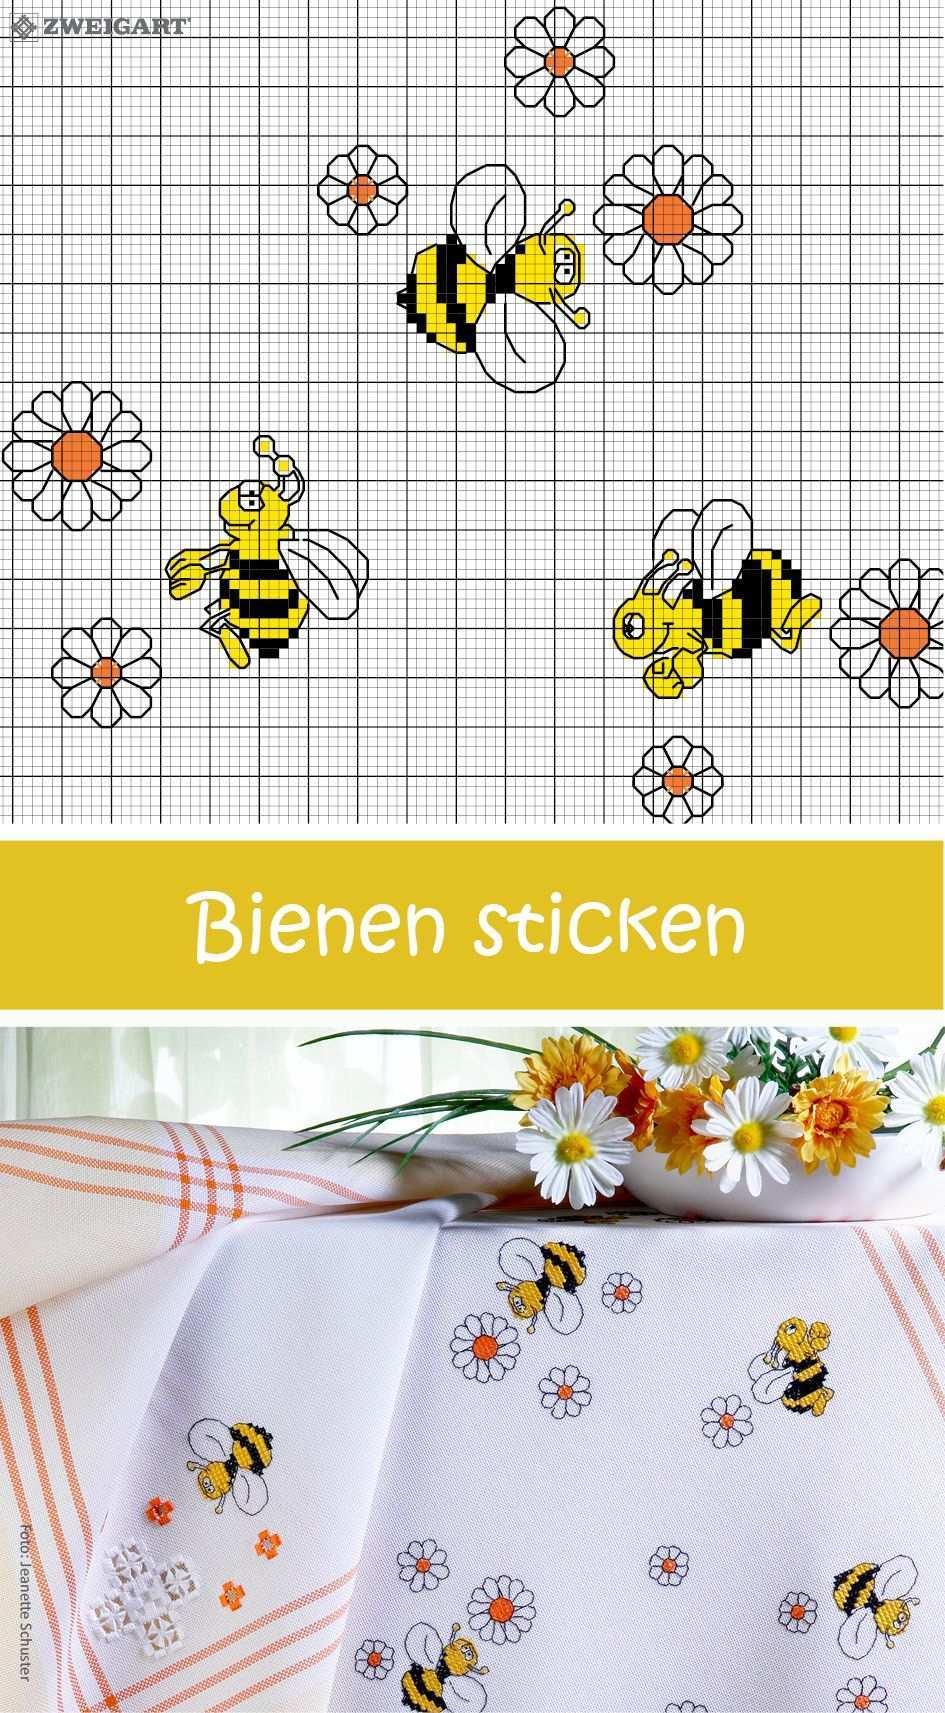 Frohliche Bienen Sticken Entdecke Zahlreiche Kostenlose Charts Zum Sticken Kreuzstich Kuche Kreuzstich Lesezeichen Kleiner Kreuzstich